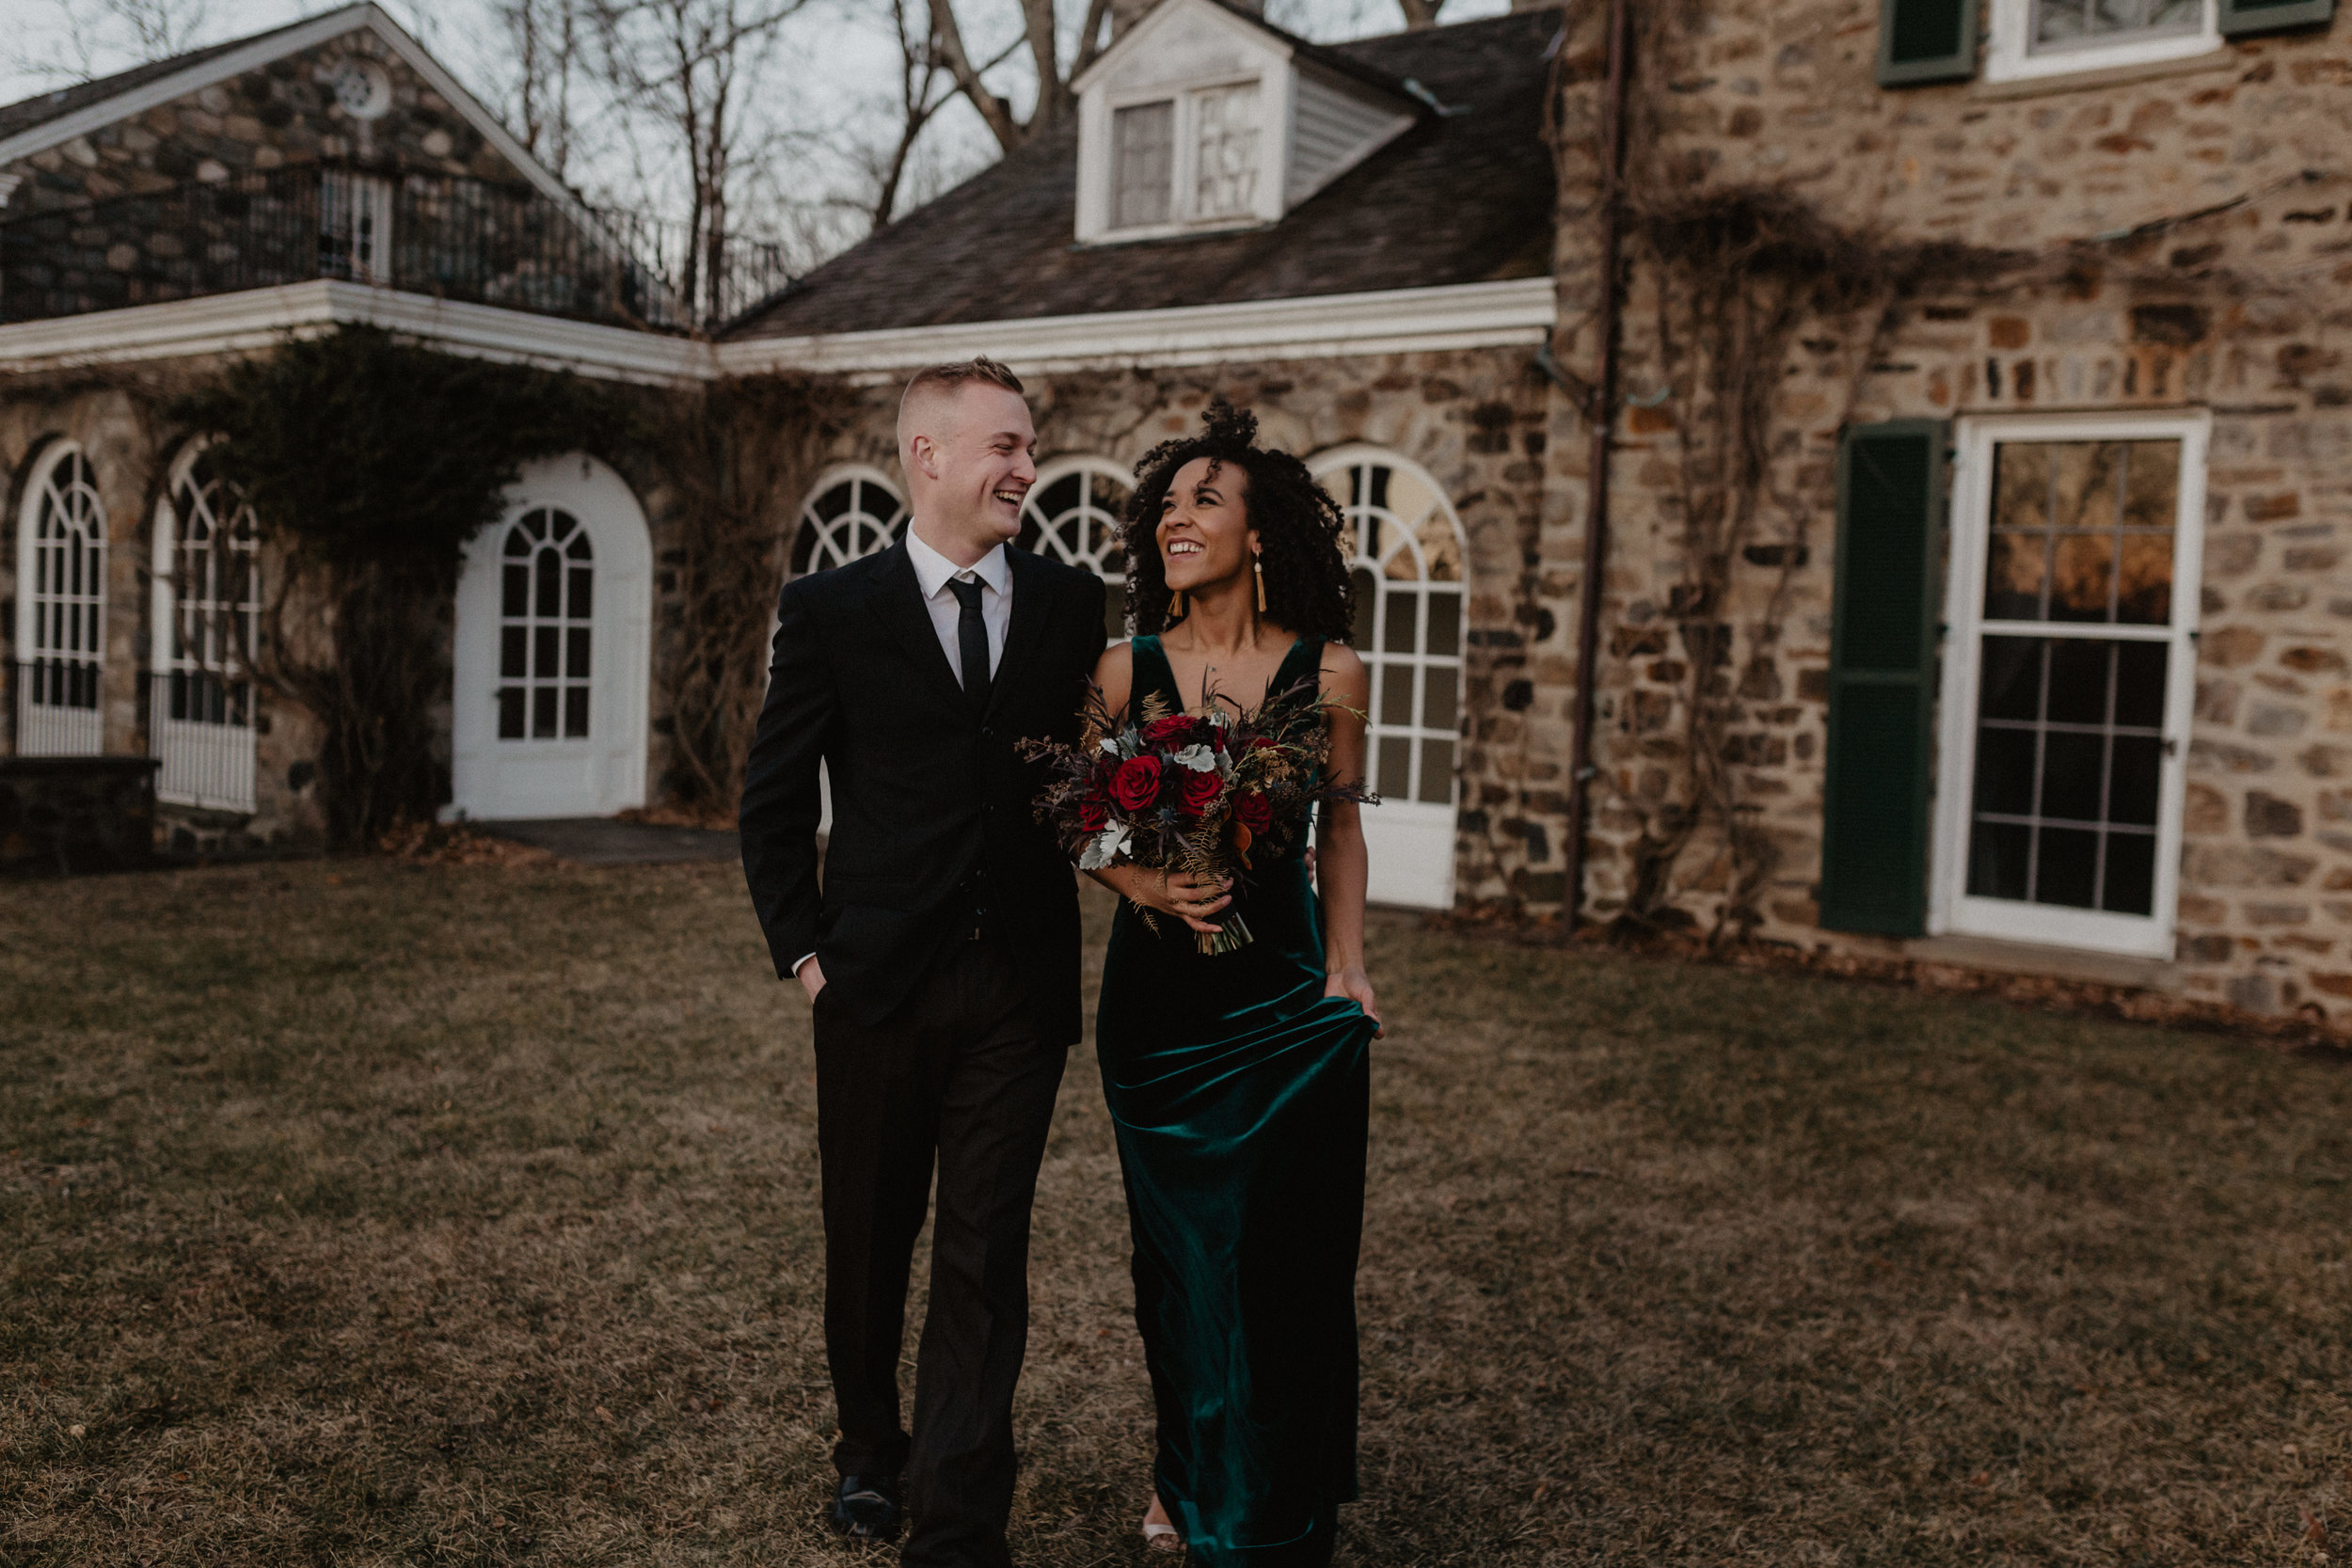 glynwood_wedding-43.jpg